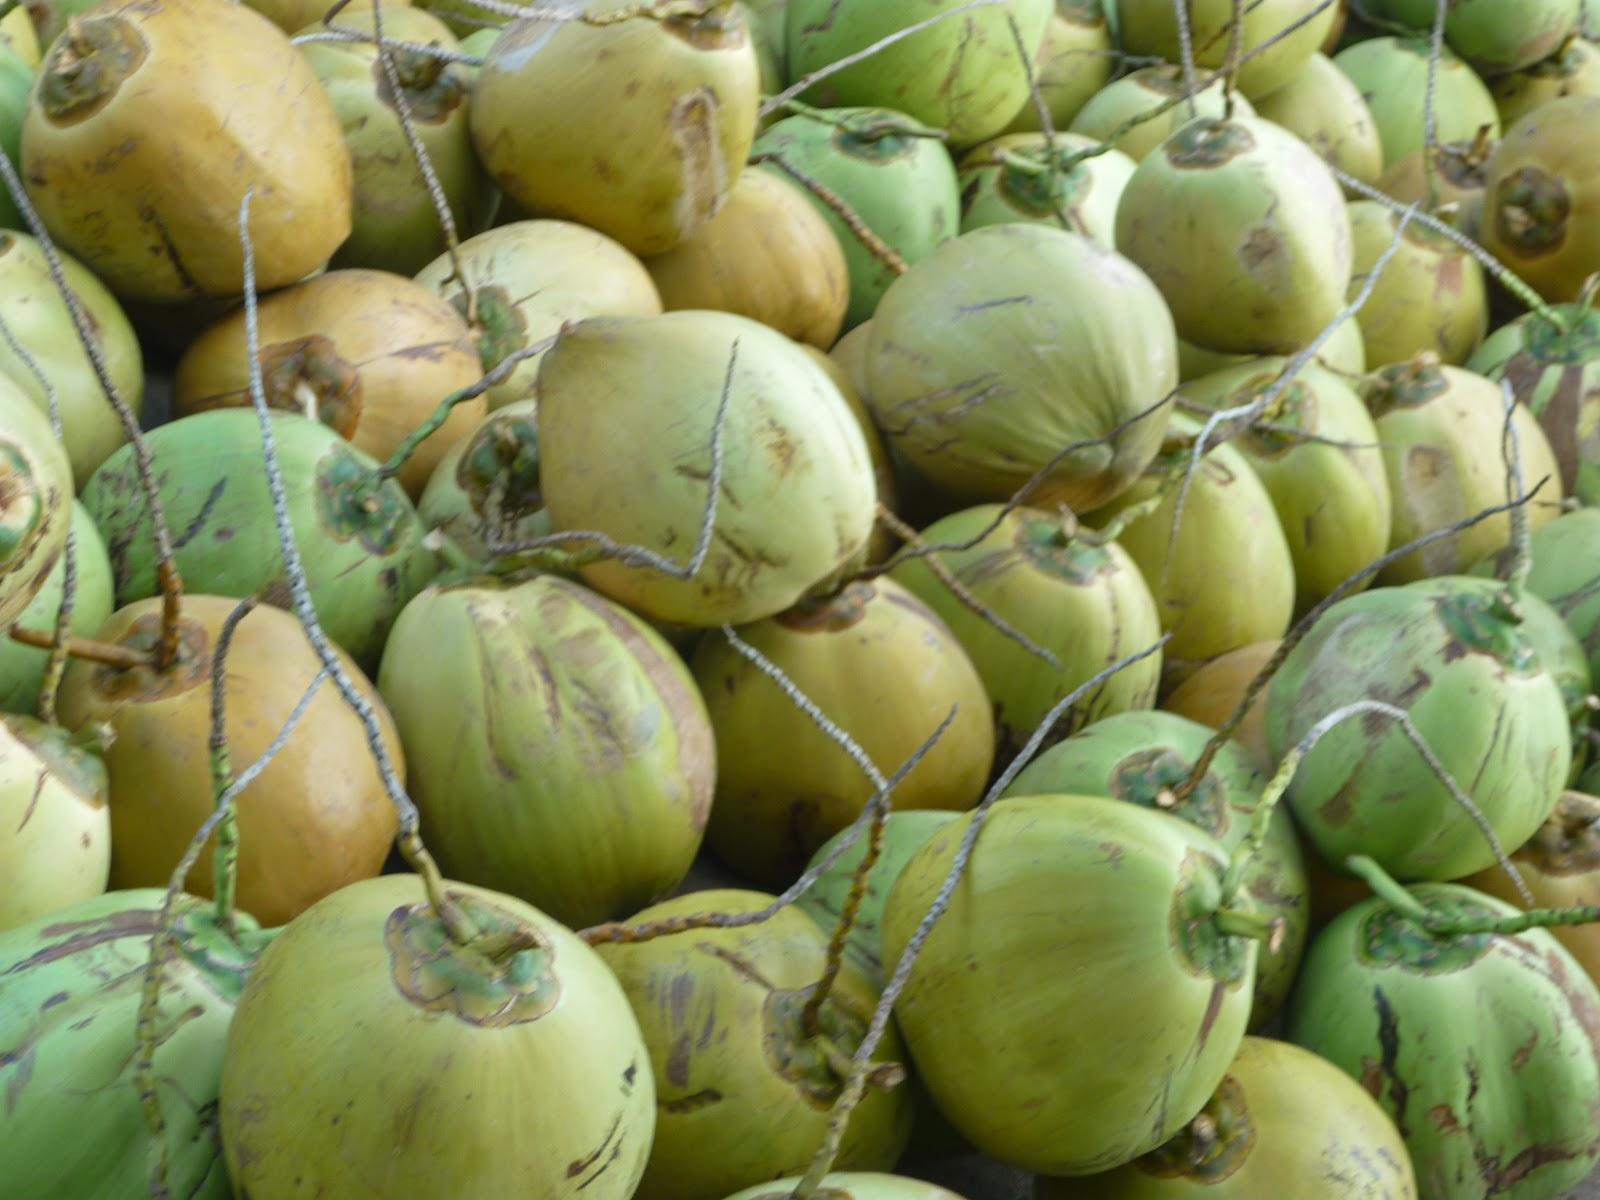 ... es,terutama bagi penjual kelapa muda yang terletak di jalan Majapahit